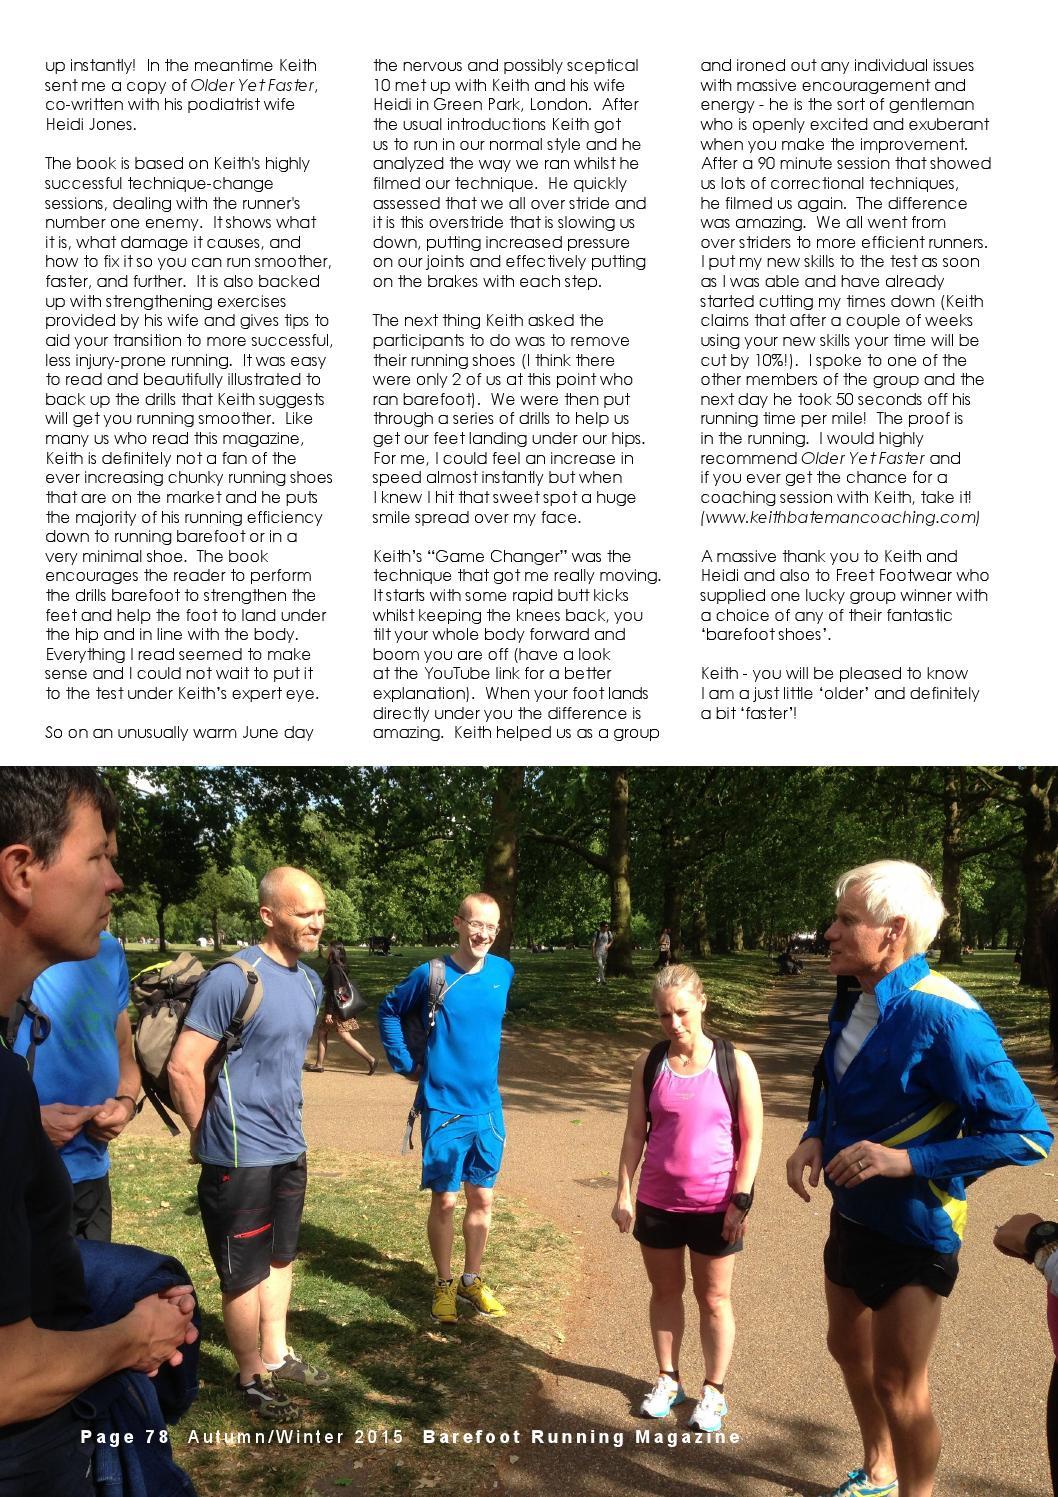 Barefoot Running Magazine Issue 15 (AutumnWinter 2015) by